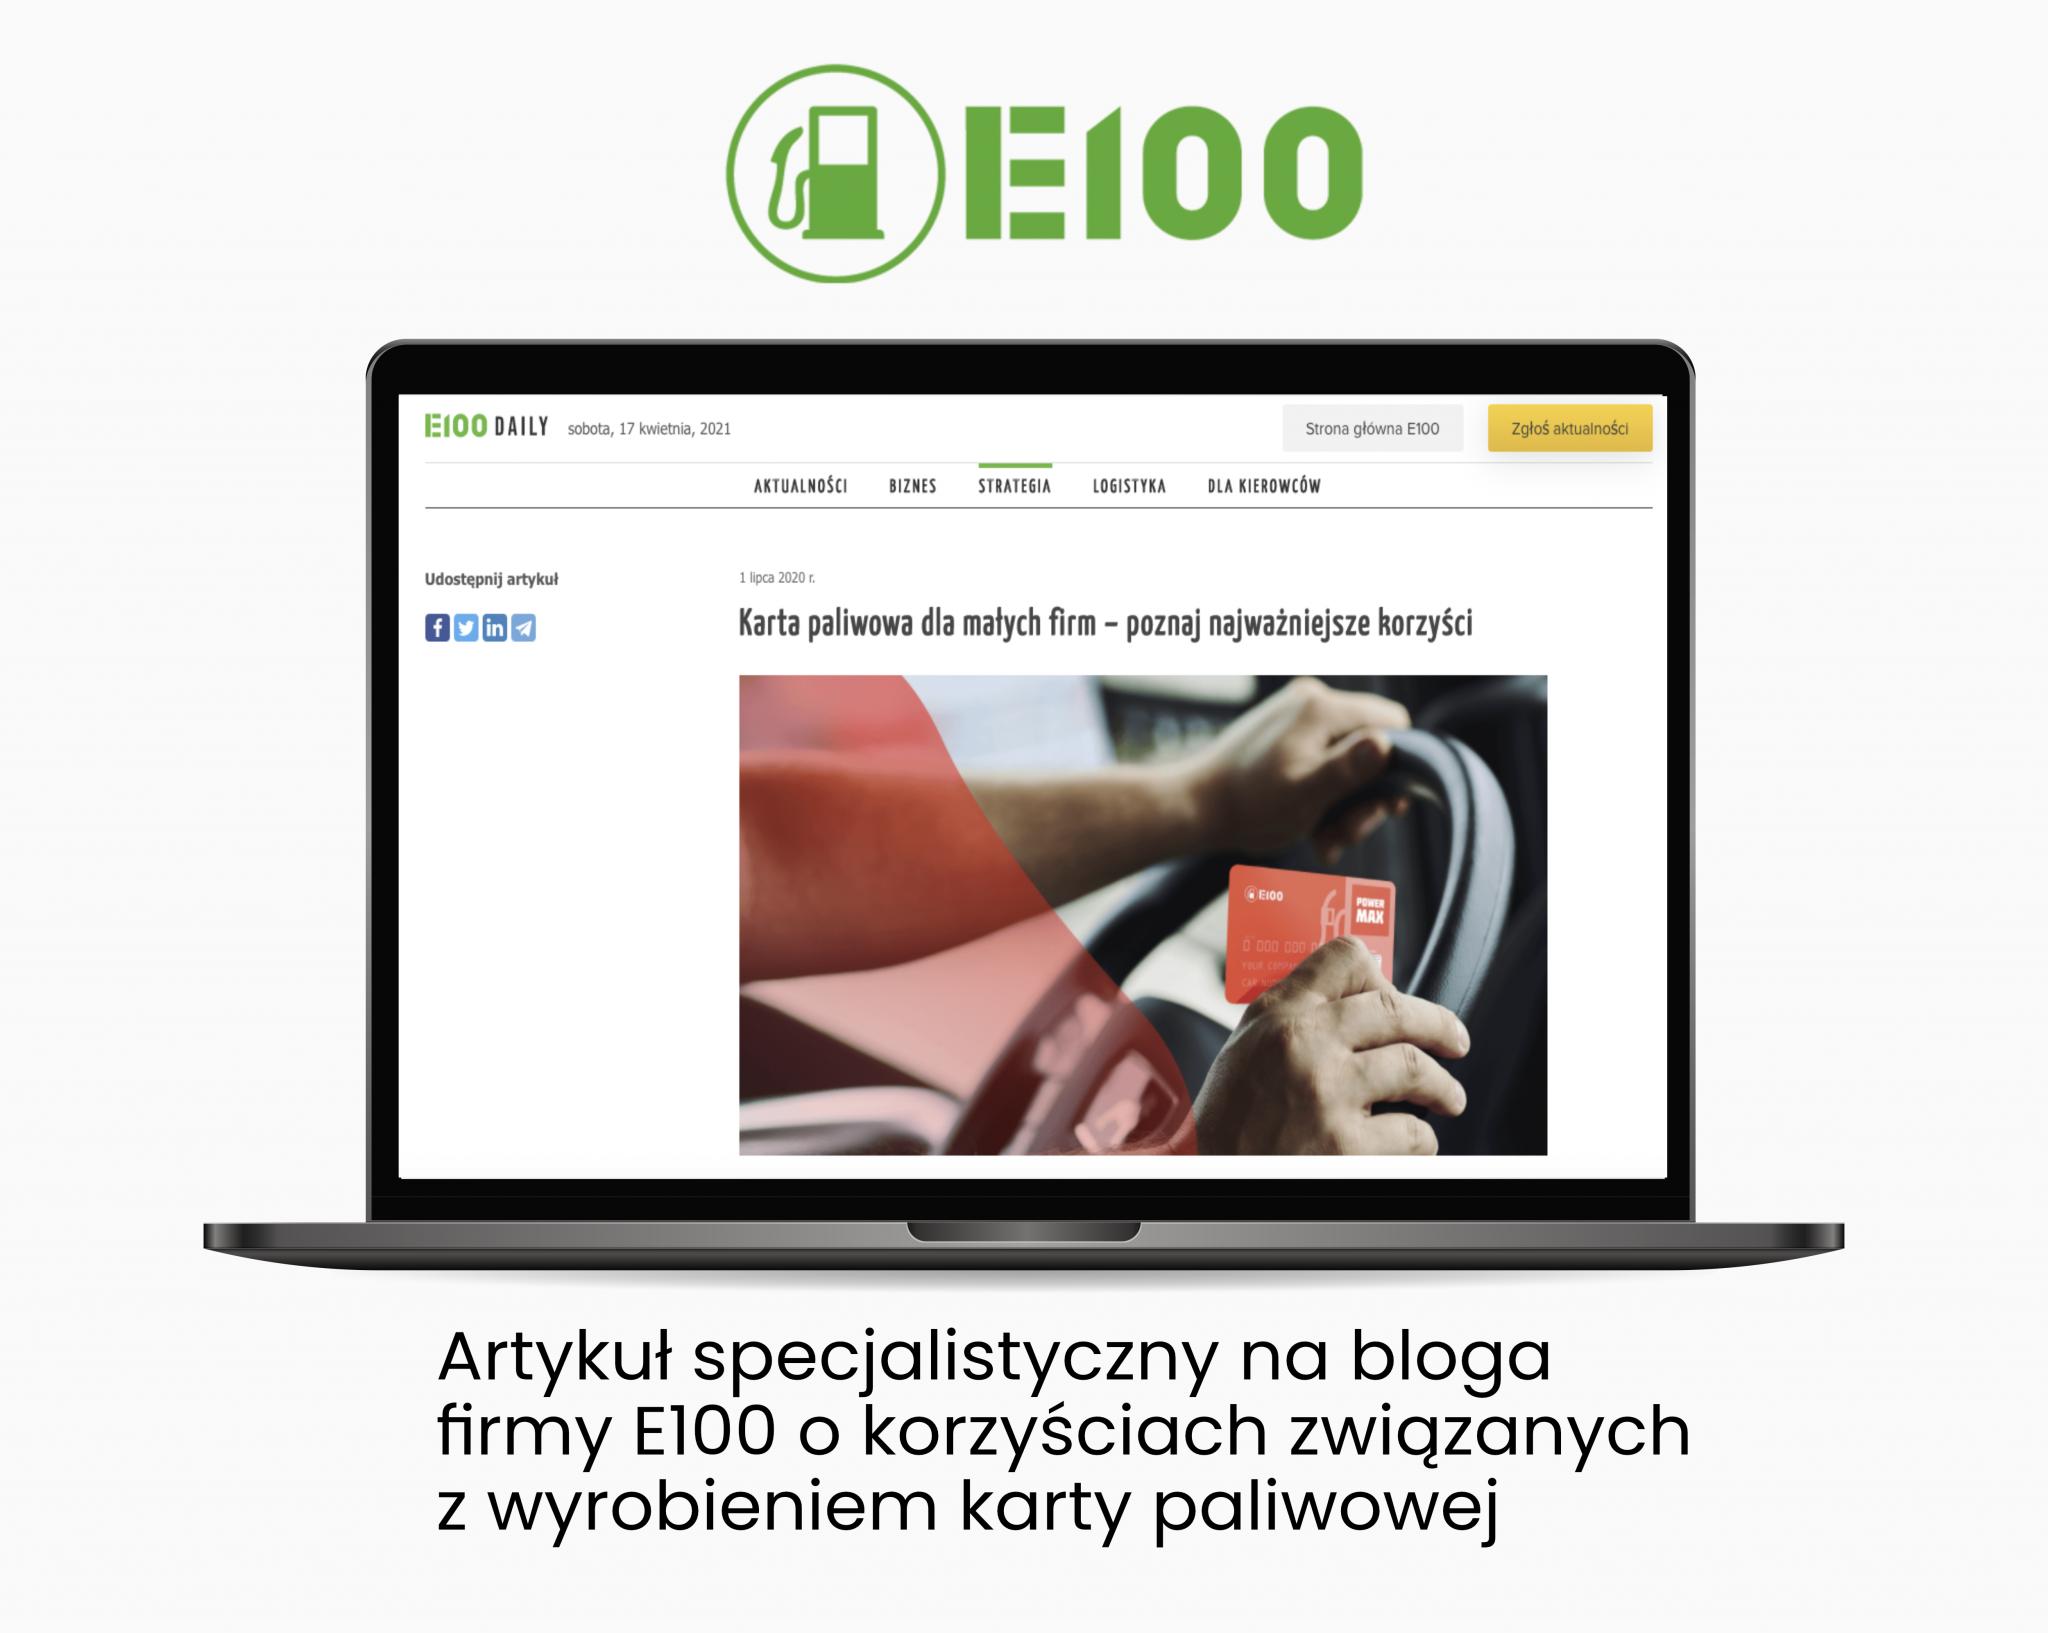 E100 artykul specjalistyczny nabloga firmowego Verbal Fairy - Portfolio copywriterskie Verbal Fairy